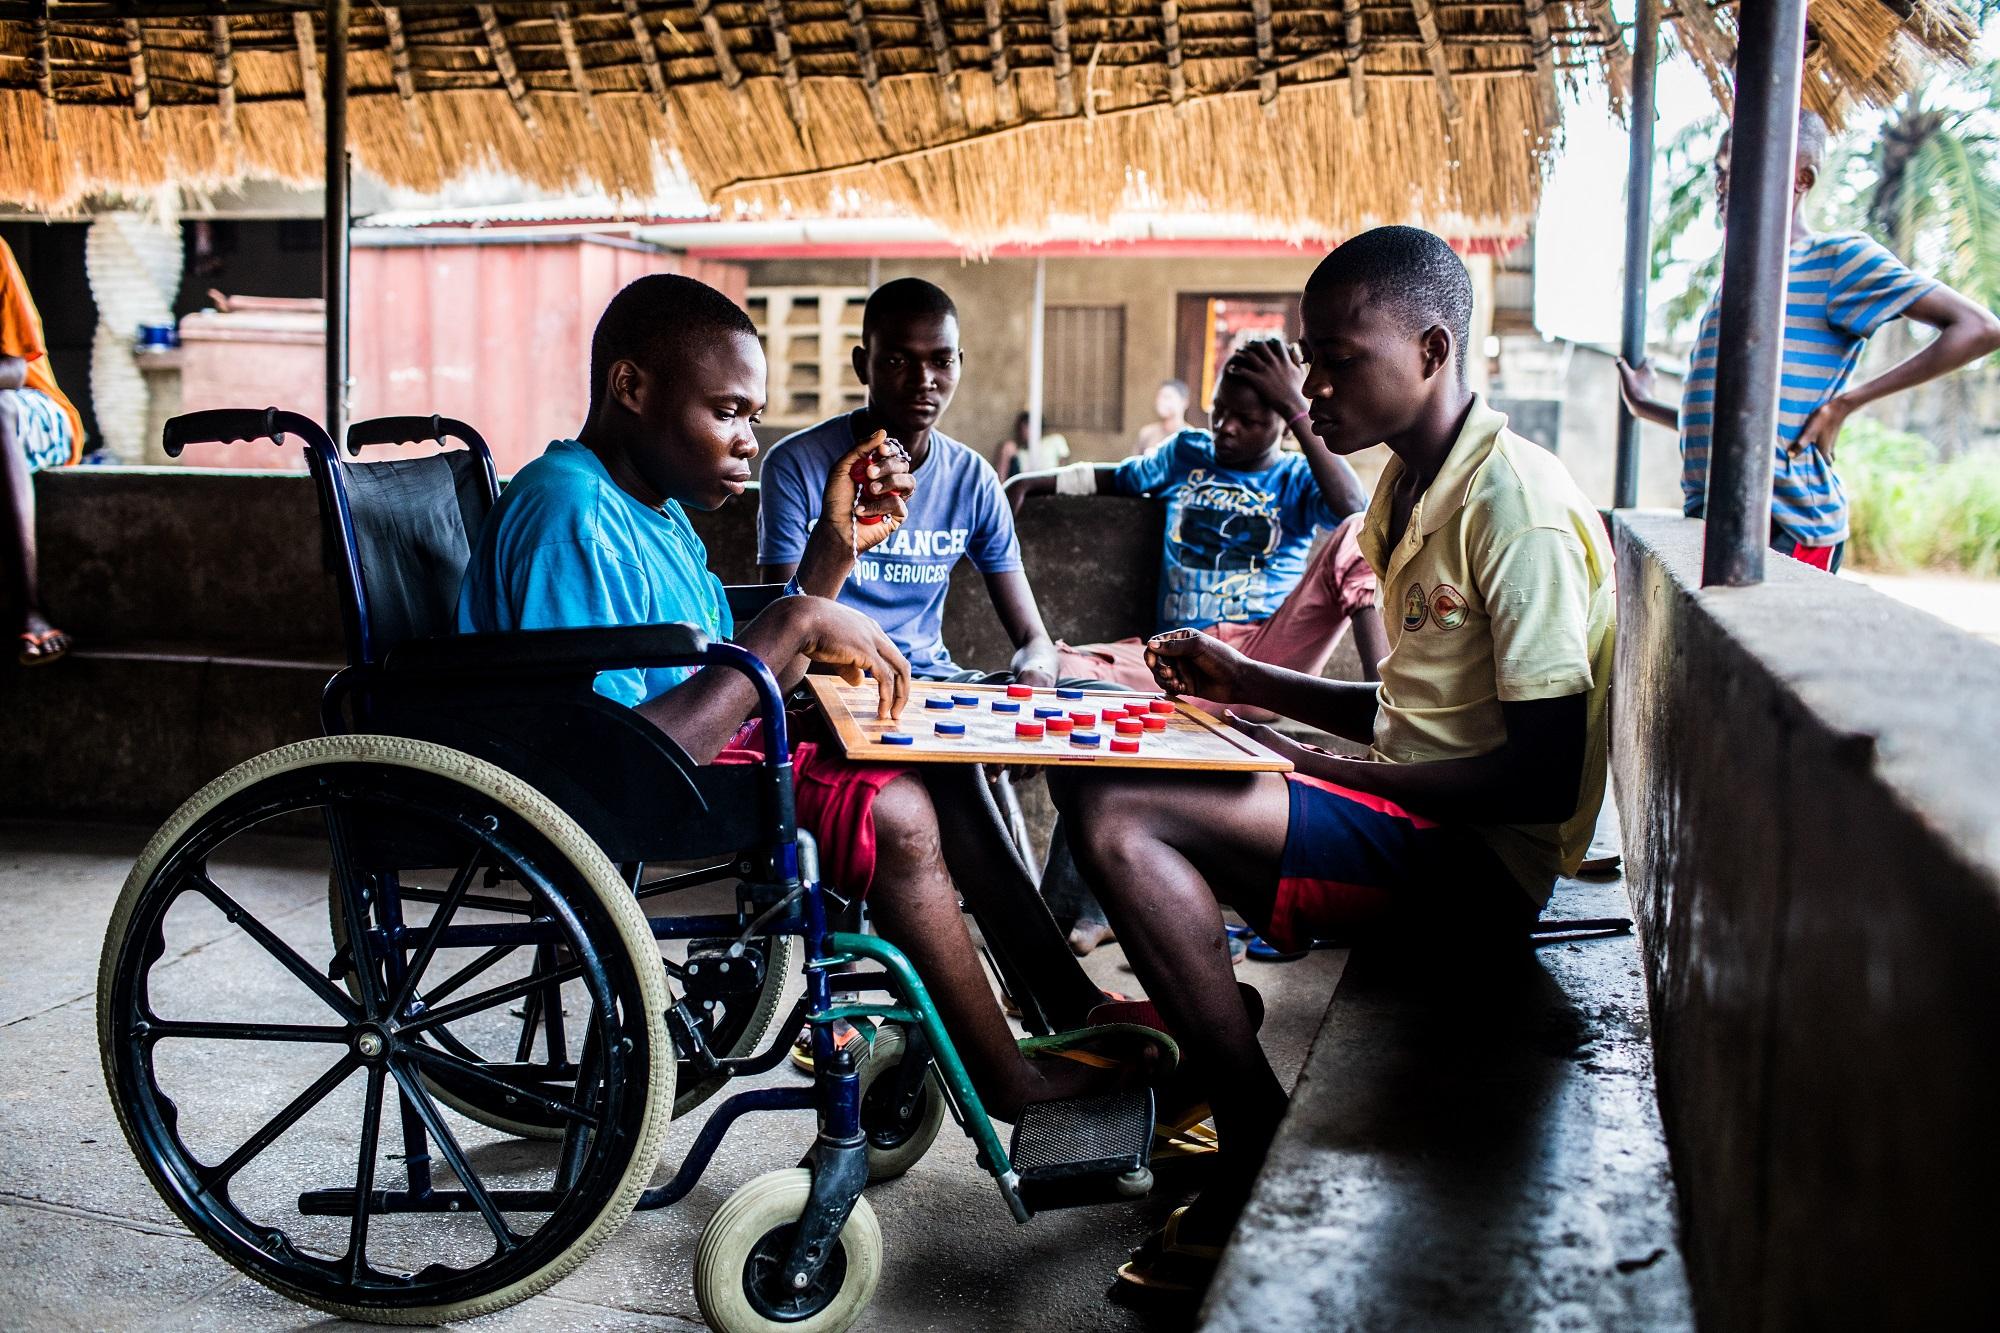 Les enfants en situation de handicap ont des droits aussi